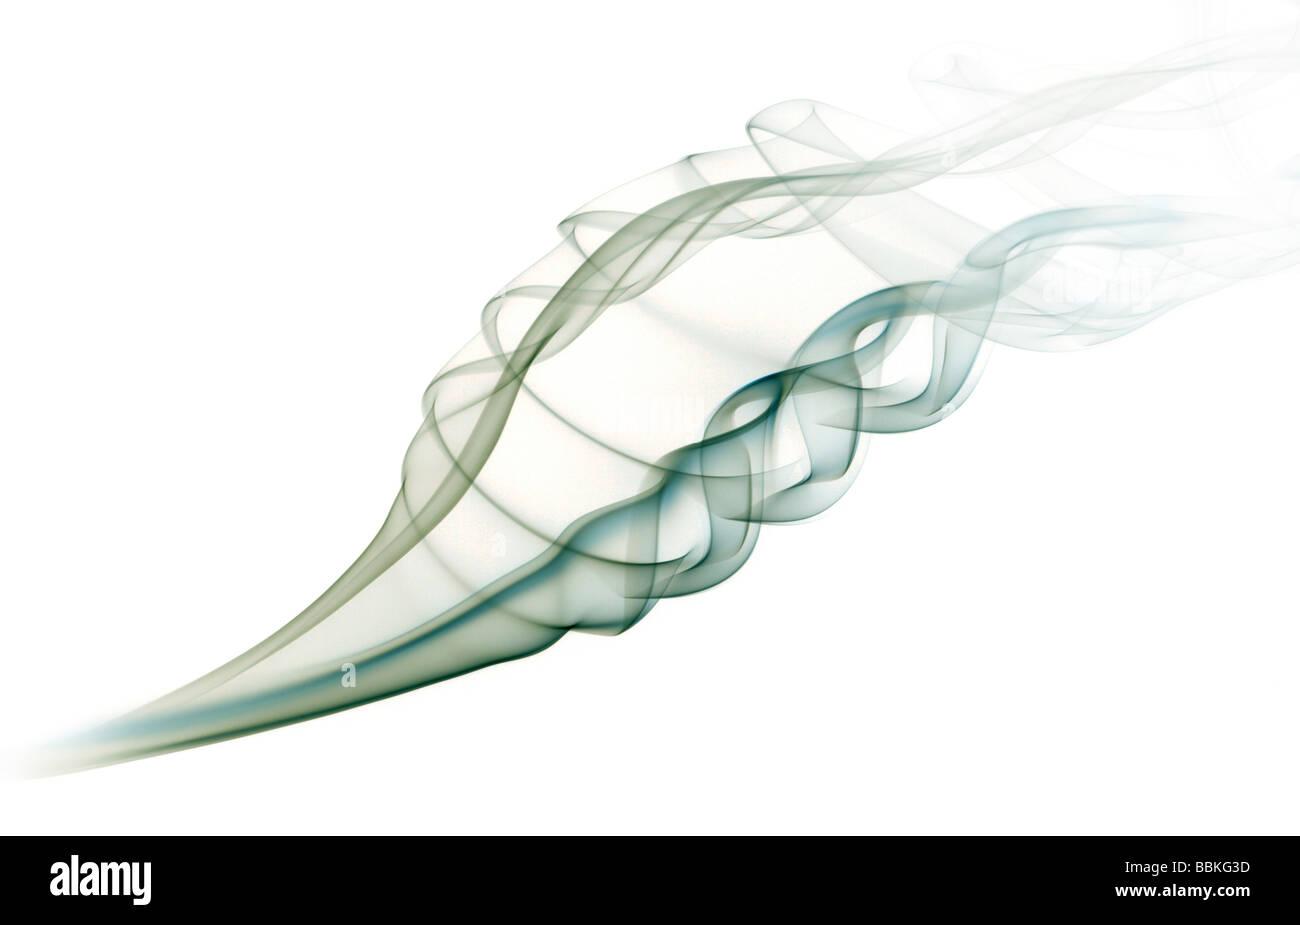 Curls of smoke given off by the combustion of an incense stick. Volutes de fumée dégagées par la combustion d'un Stock Photo